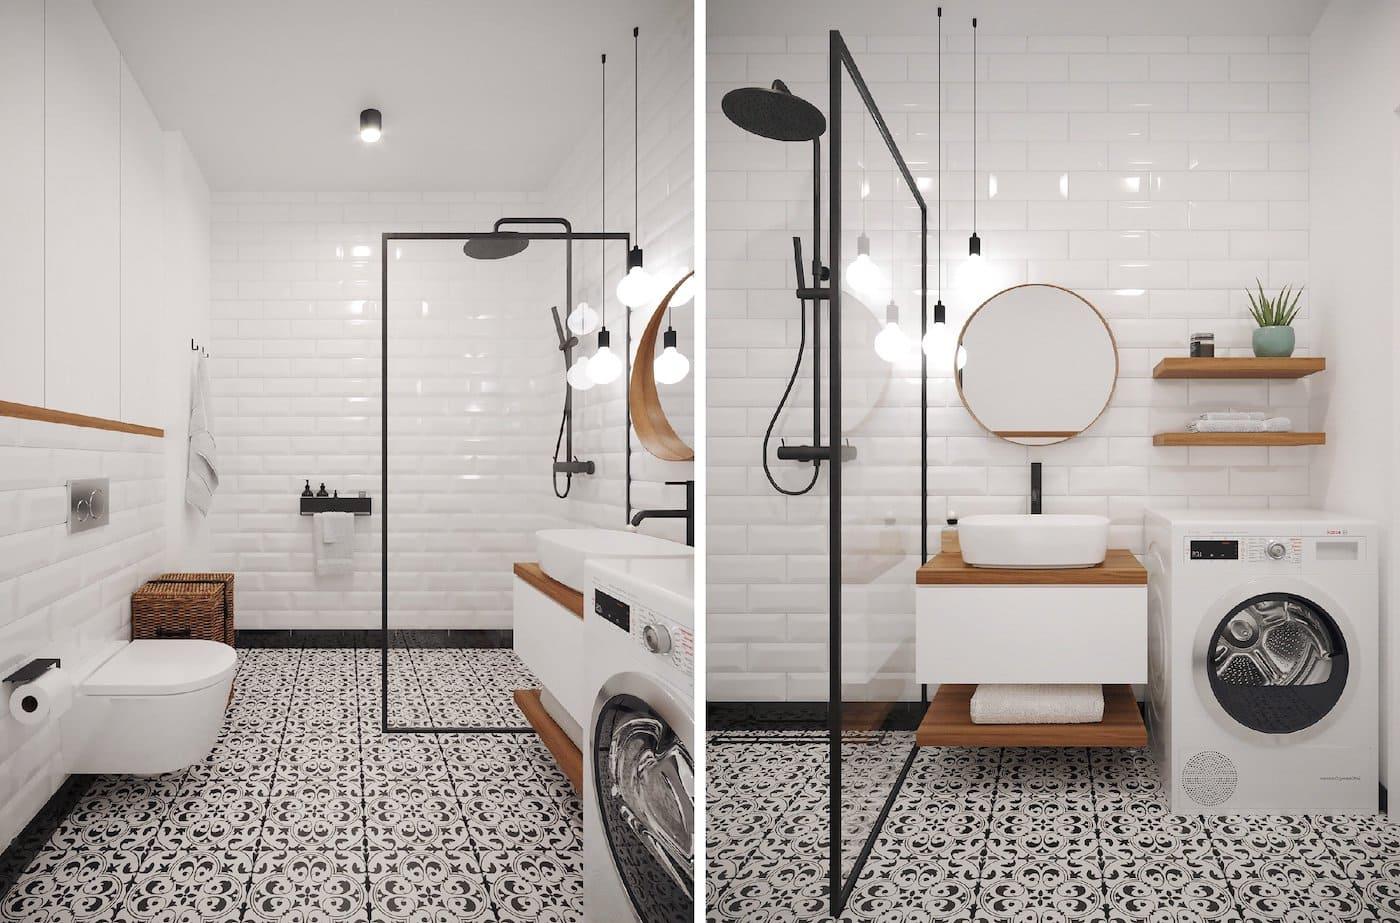 дизайн интерьера ванной комнаты фото 71